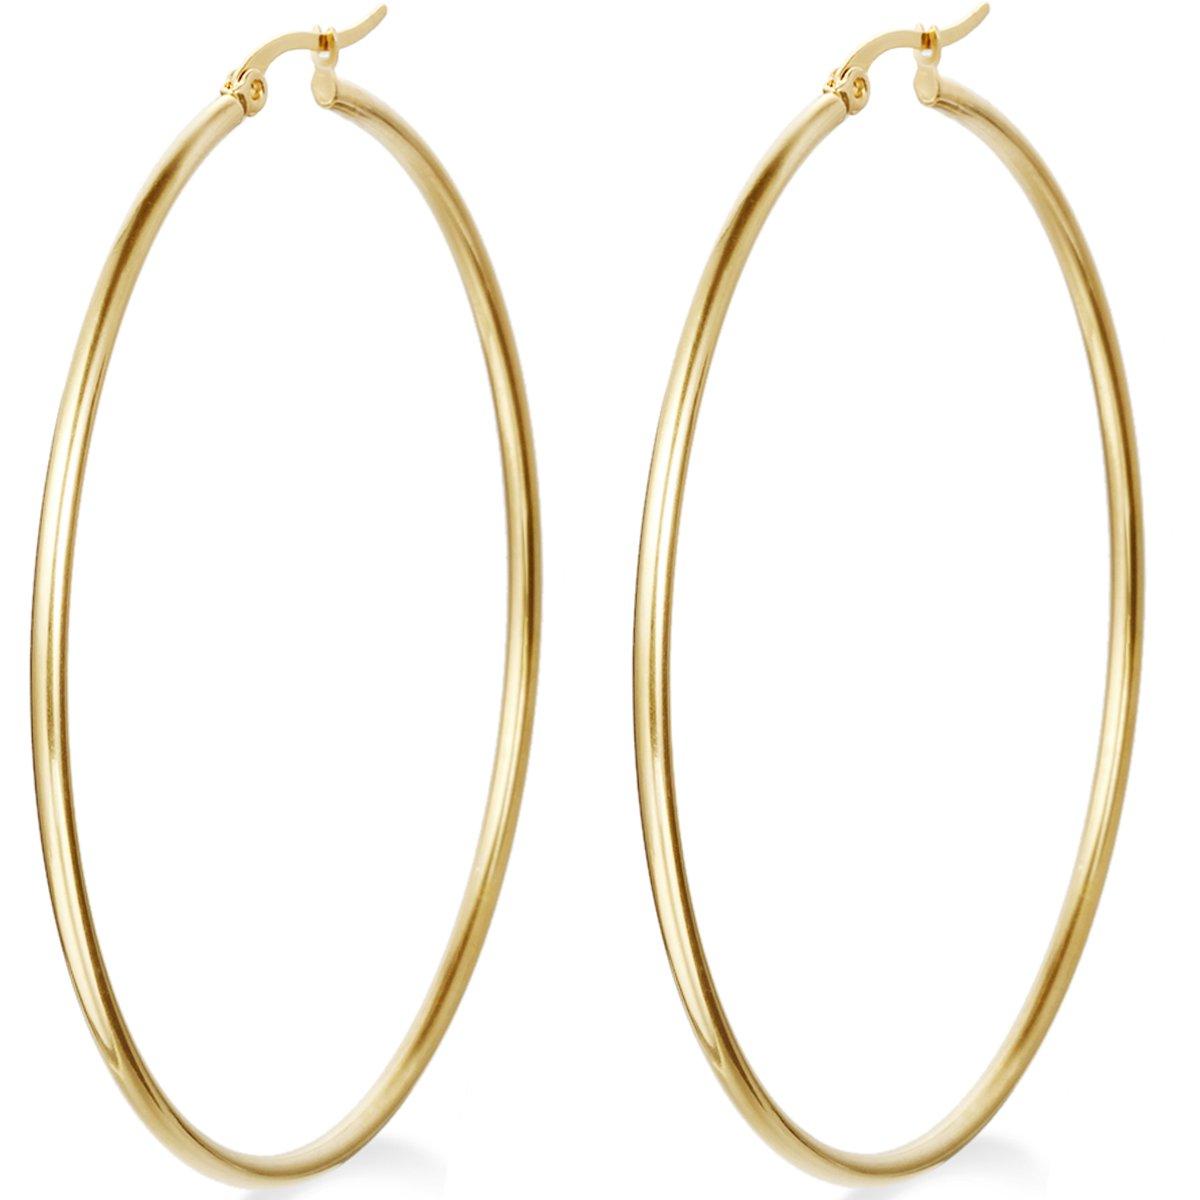 Flongo Women's Stainless Steel Gold 58mm Big Large Round Plain Anti-allergy Hoop Loop Earrings